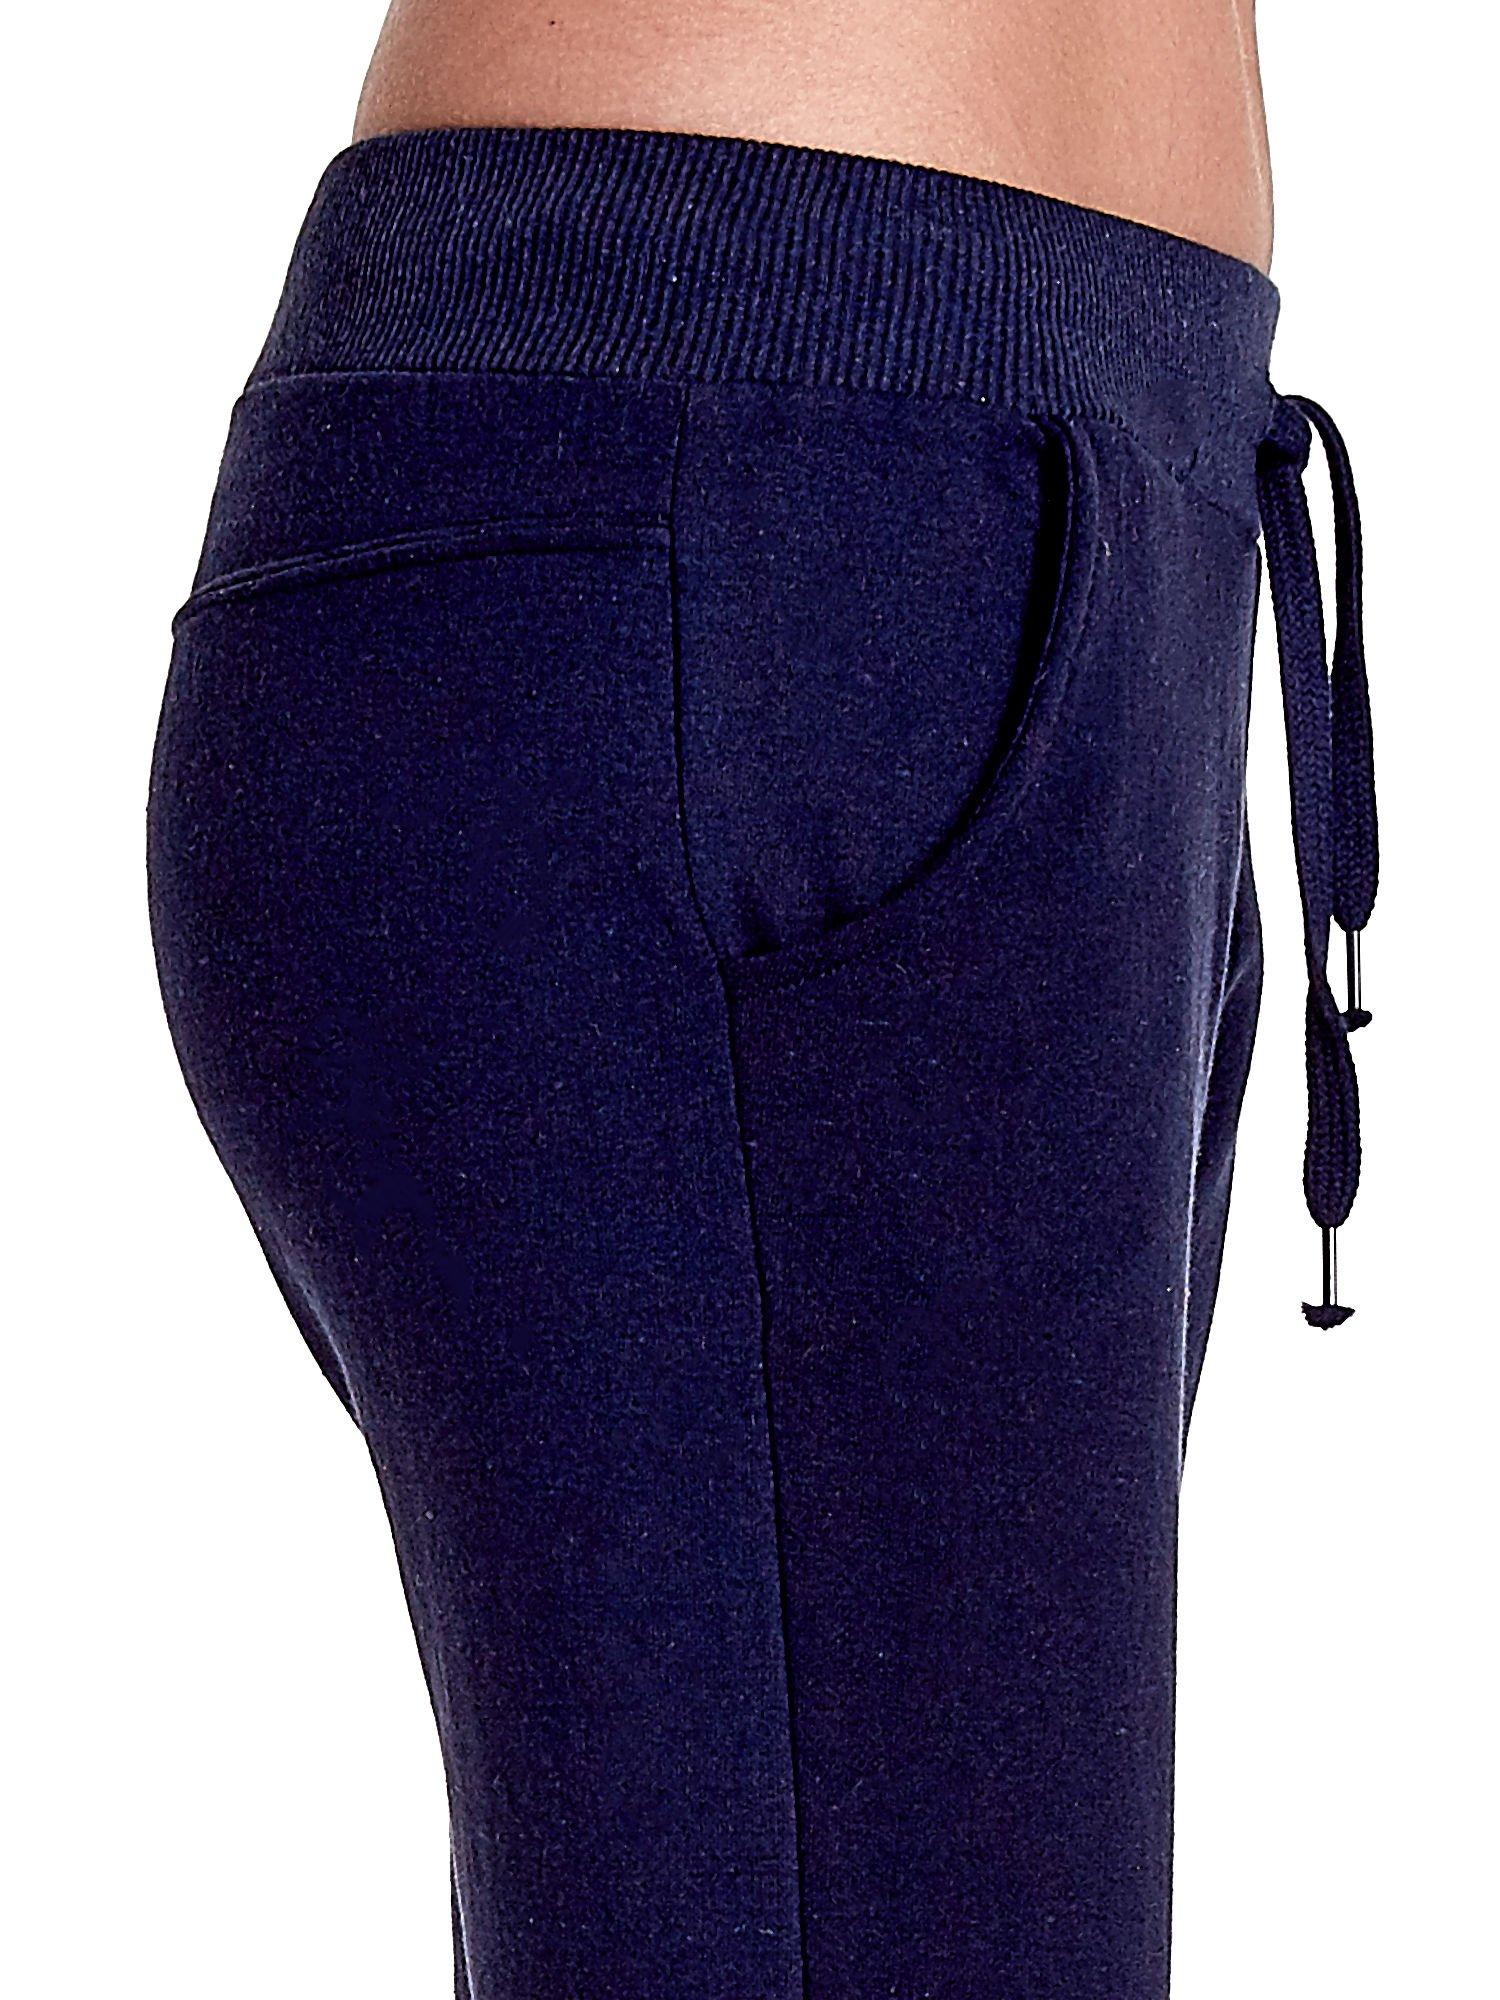 Granatowe spodnie dresowe z prostą nogawką                                  zdj.                                  6